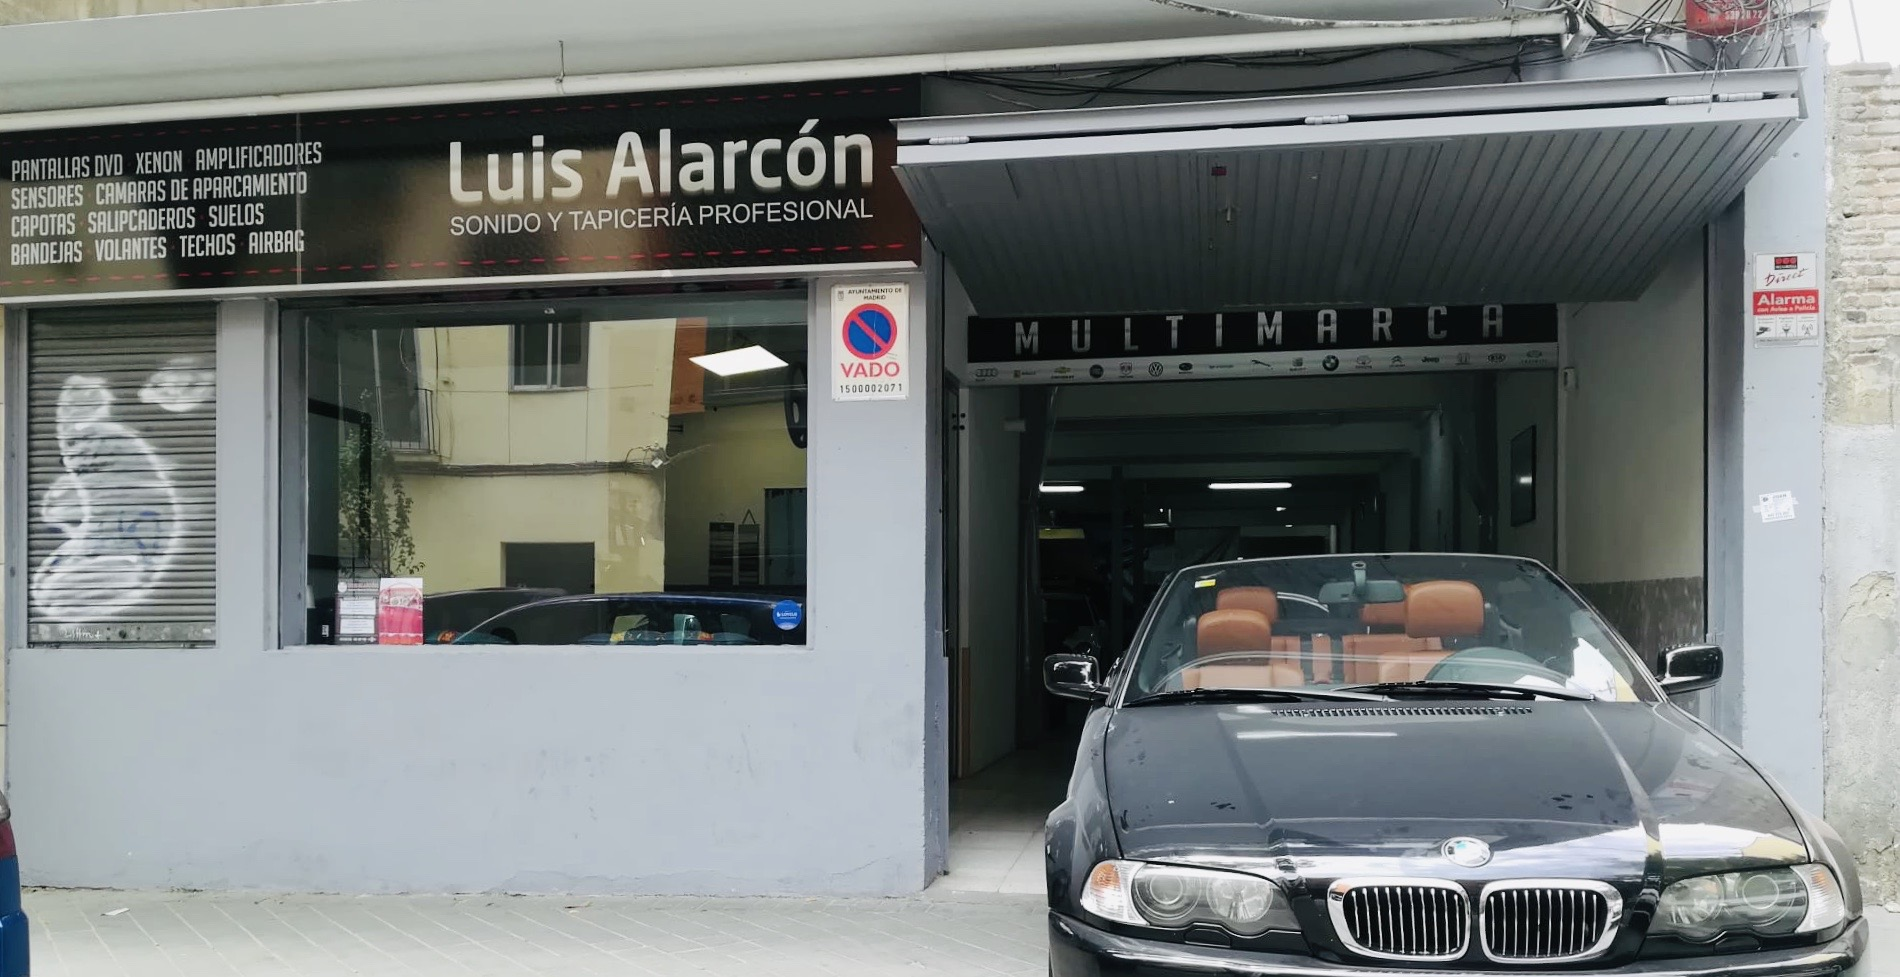 TAPICERÍA LUIS ALARCON